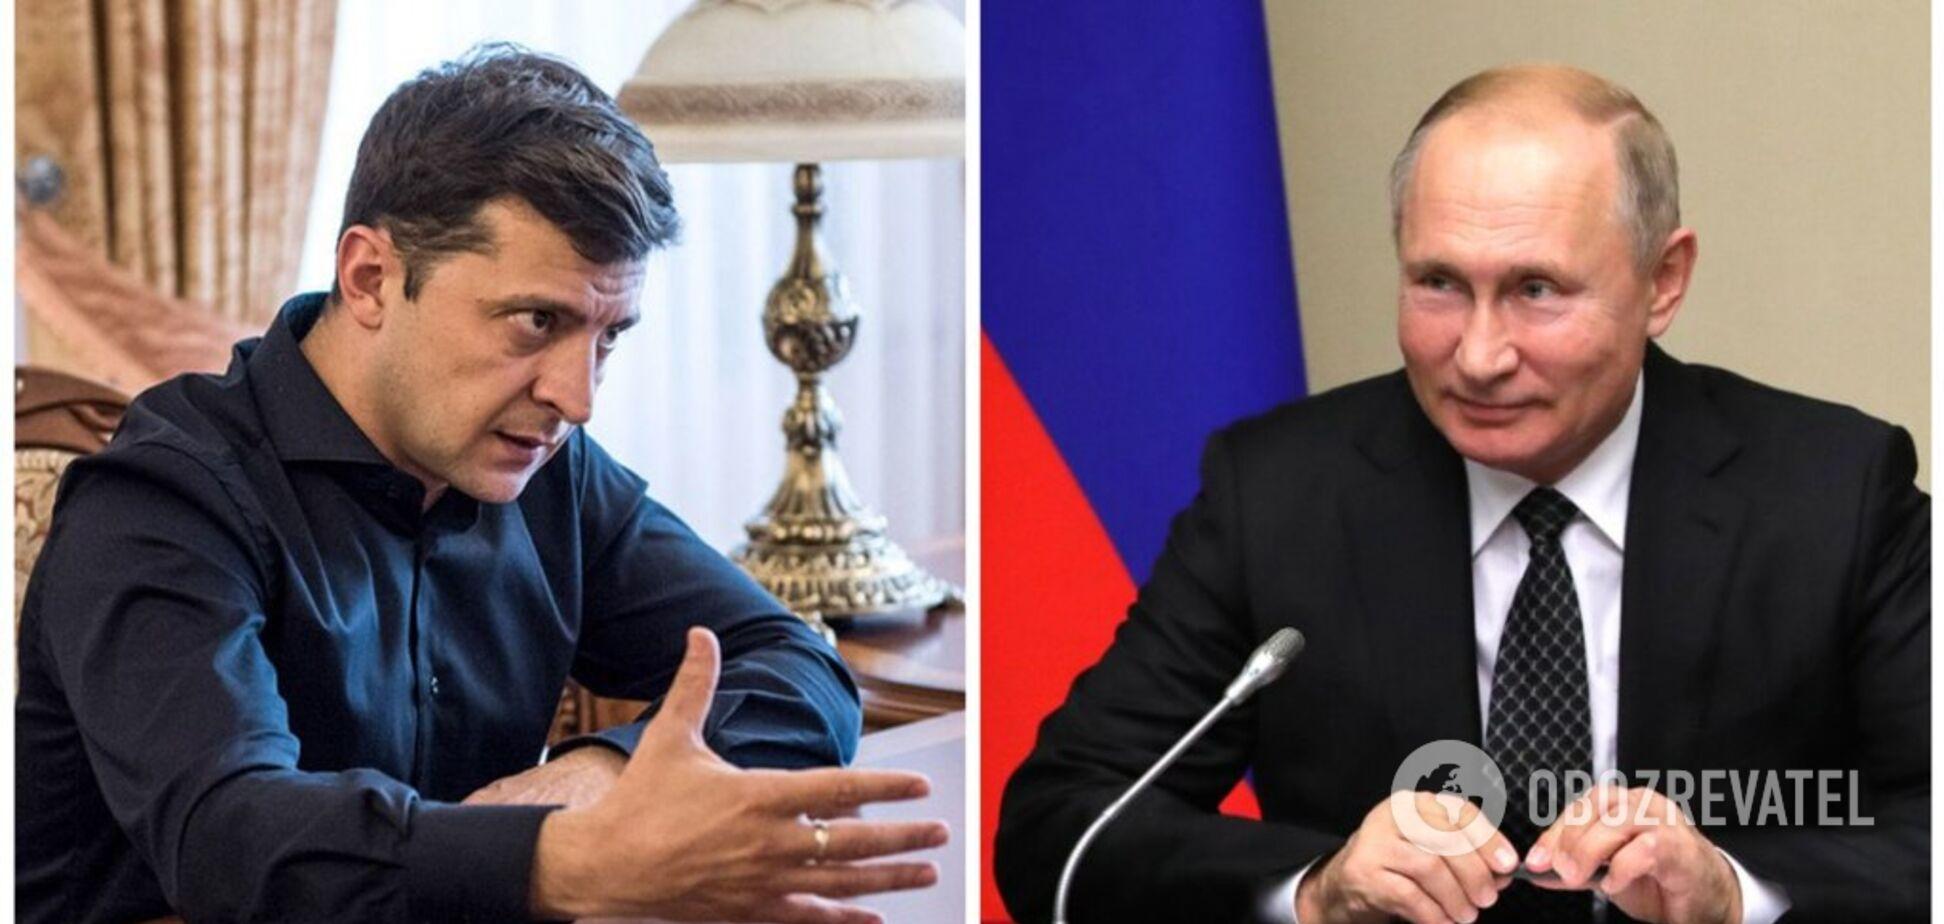 'Наступление Украины': Кулеба назвал цели Зеленского на встрече с Путиным